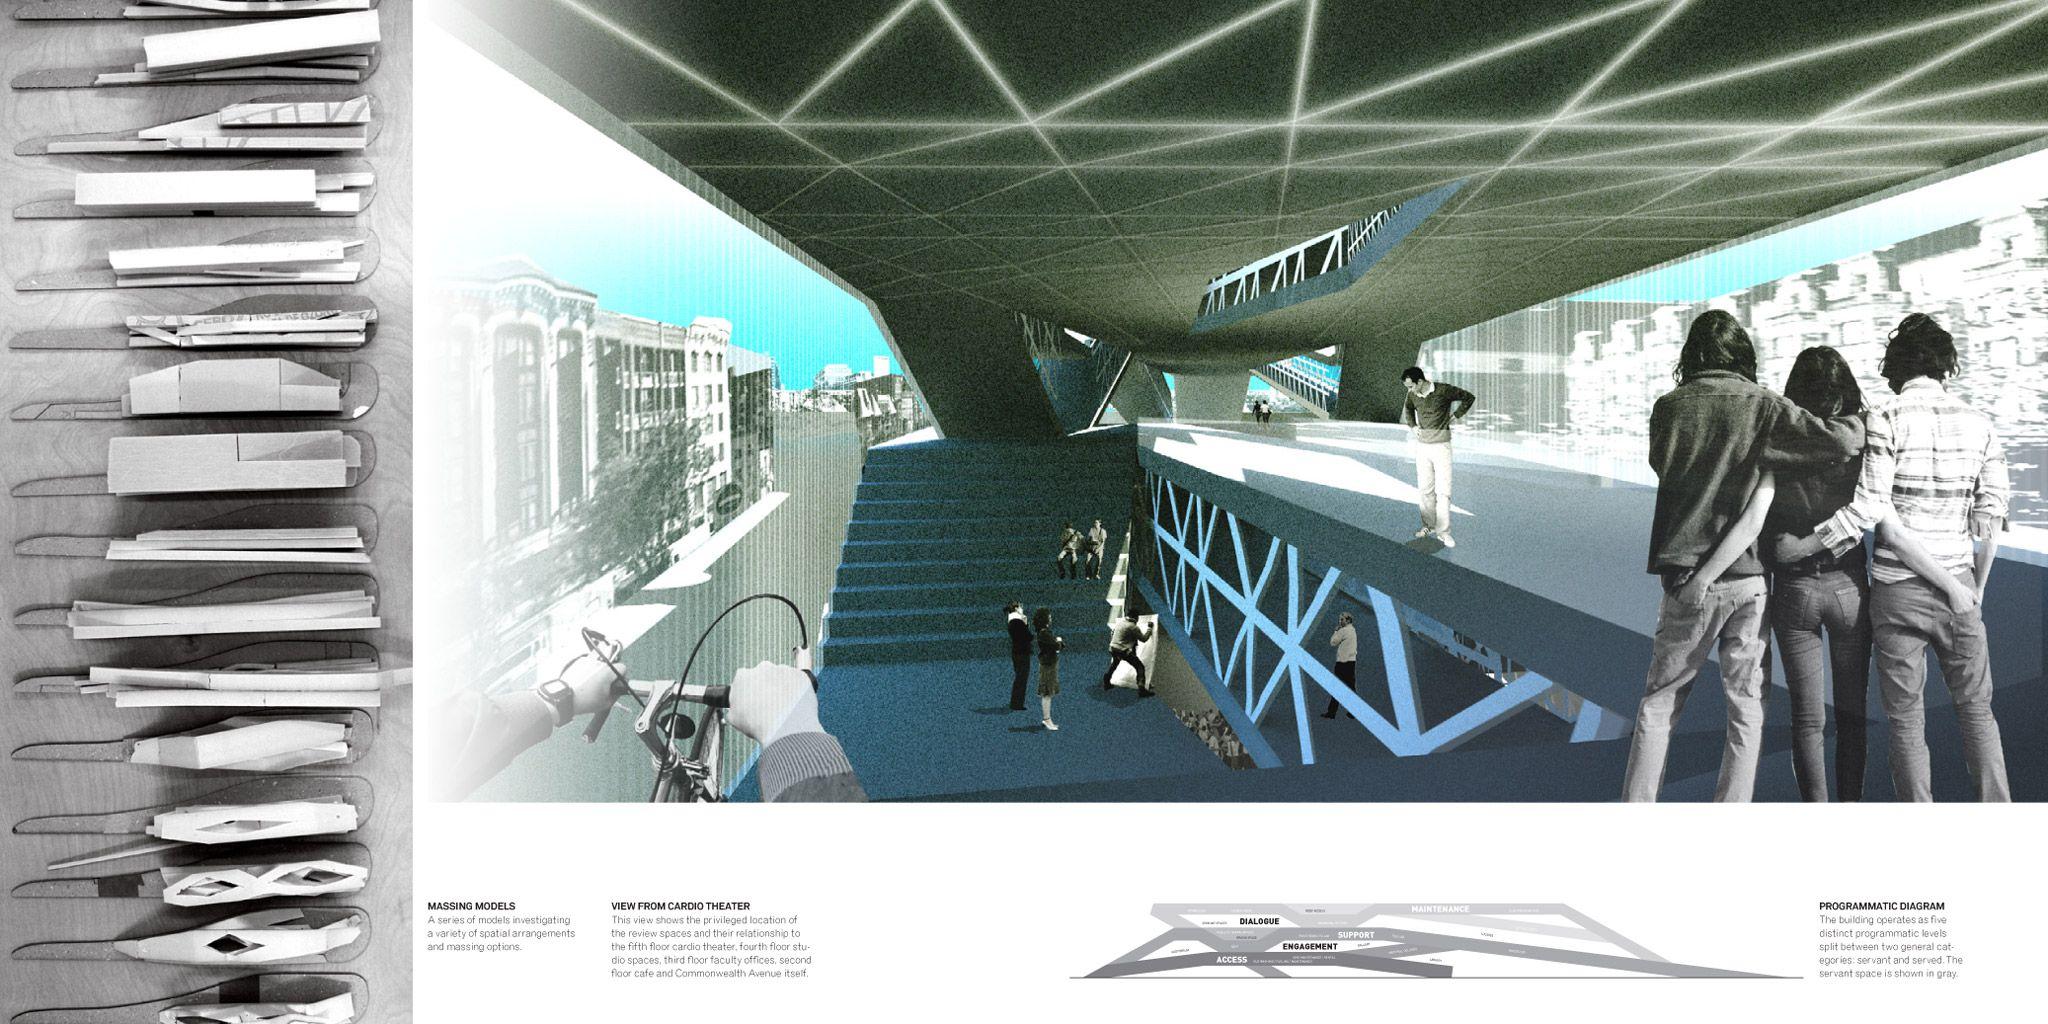 Kylebarker Architectureschool Mit Architecture Render Diagram